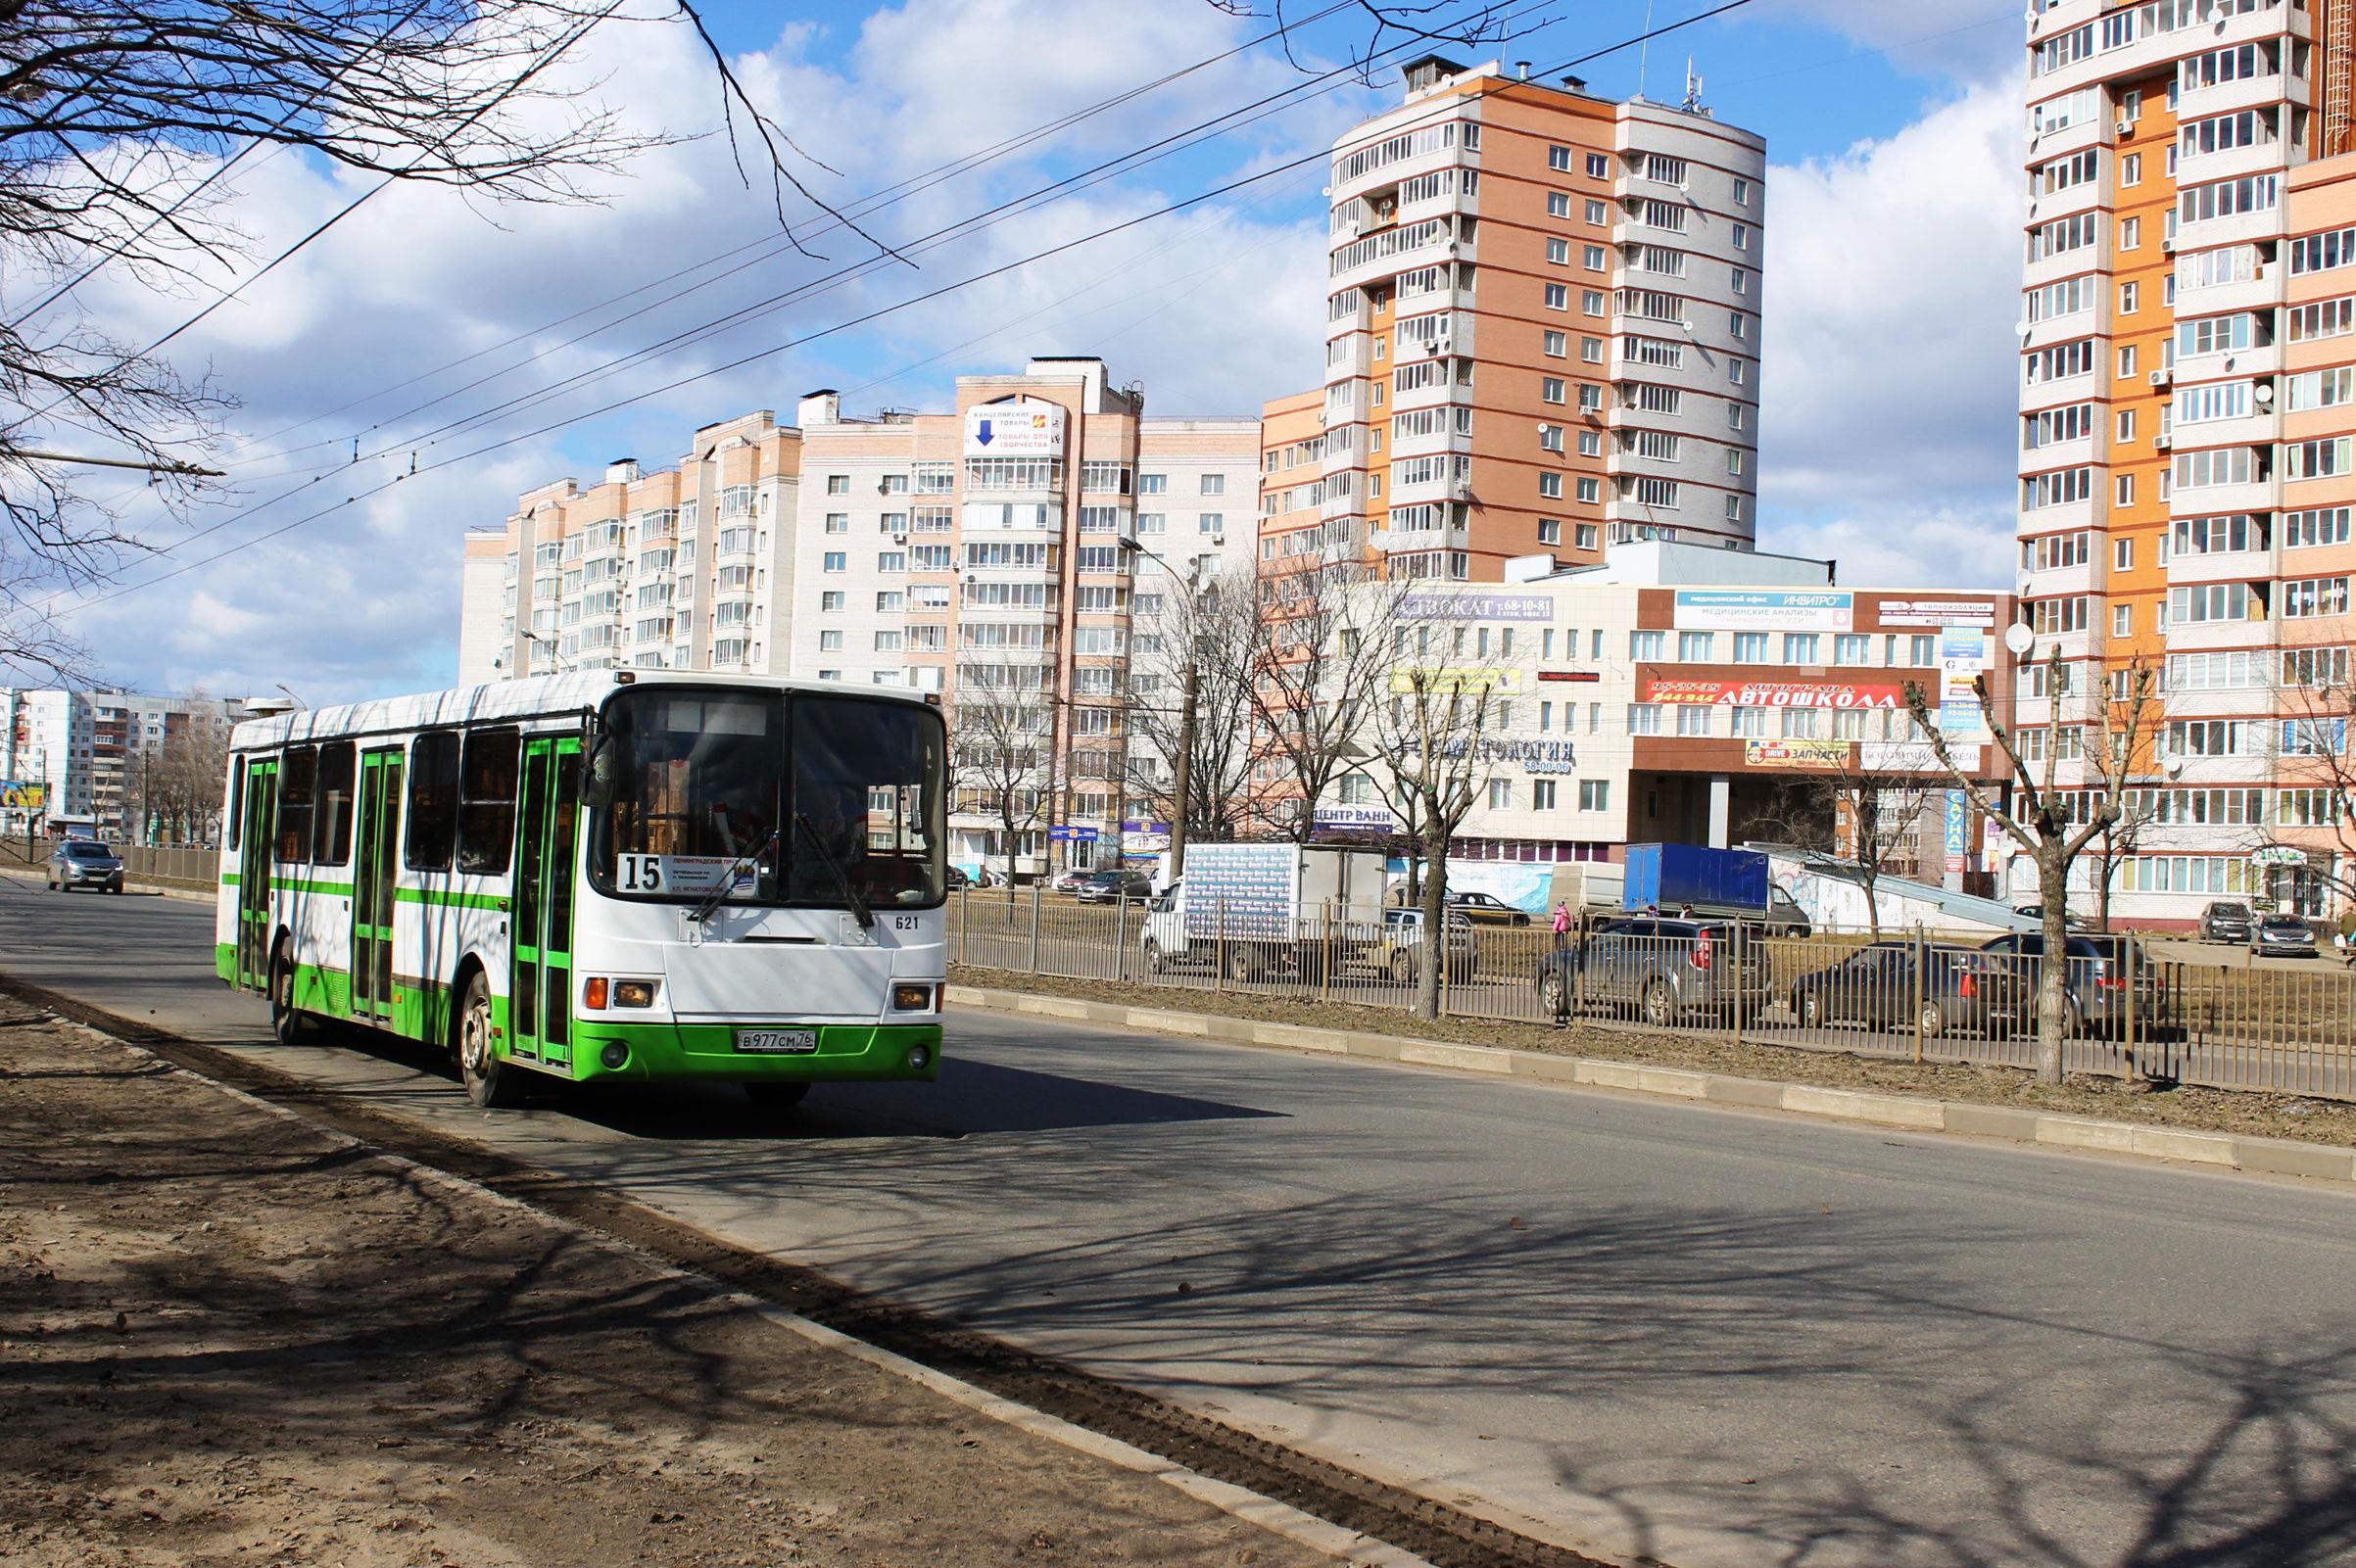 Ярославский транспорт будет работать по принципу метро: в мэрии рассказали, подорожает ли проезд после реформы